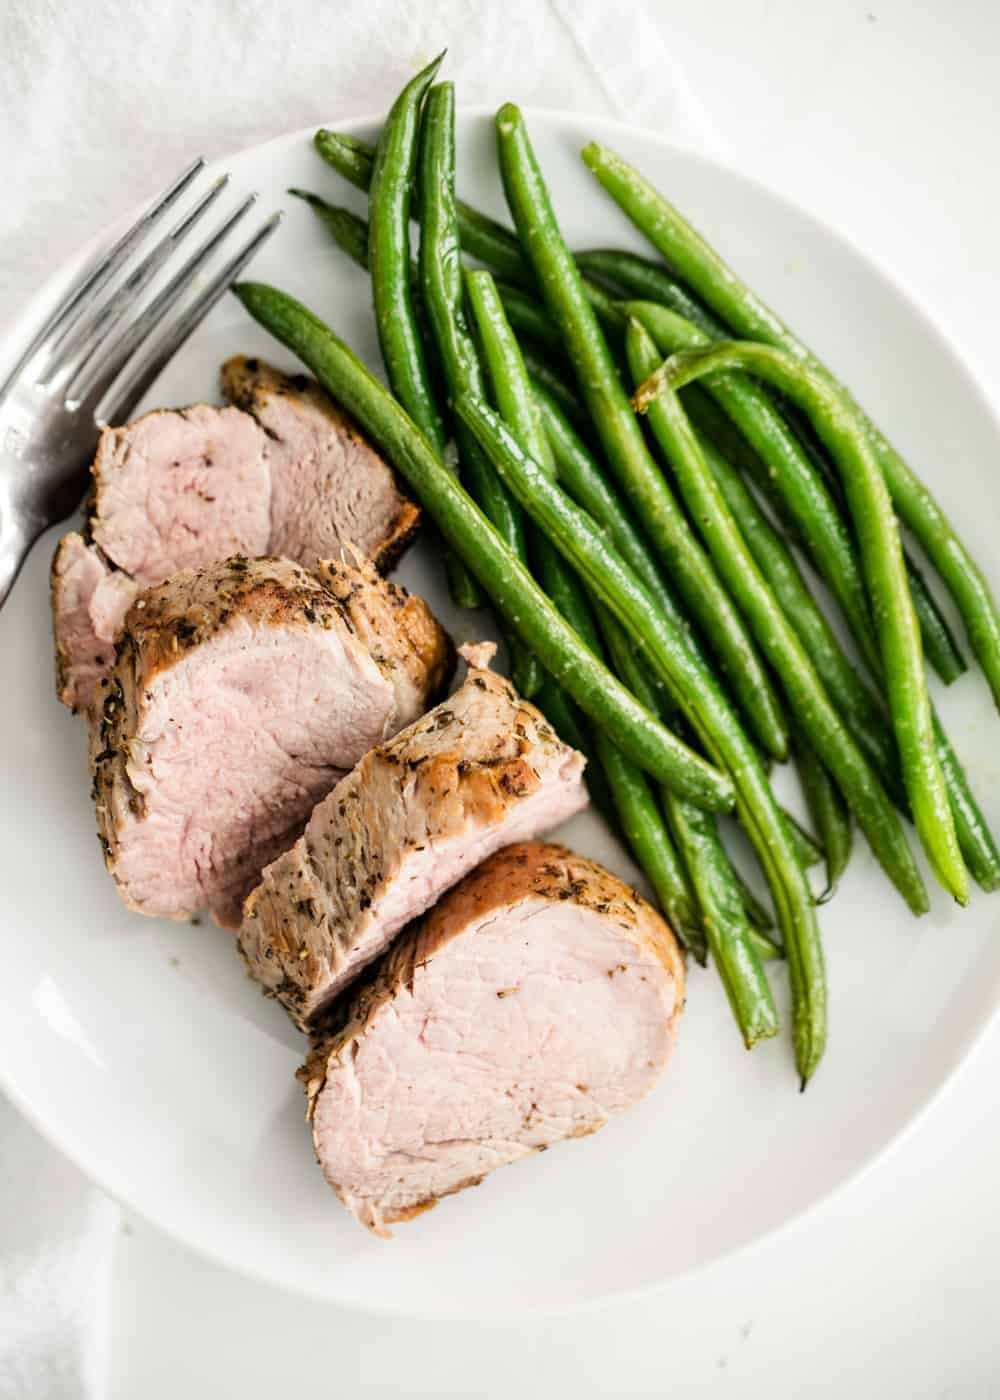 plate of sliced pork tenderloin and green beans